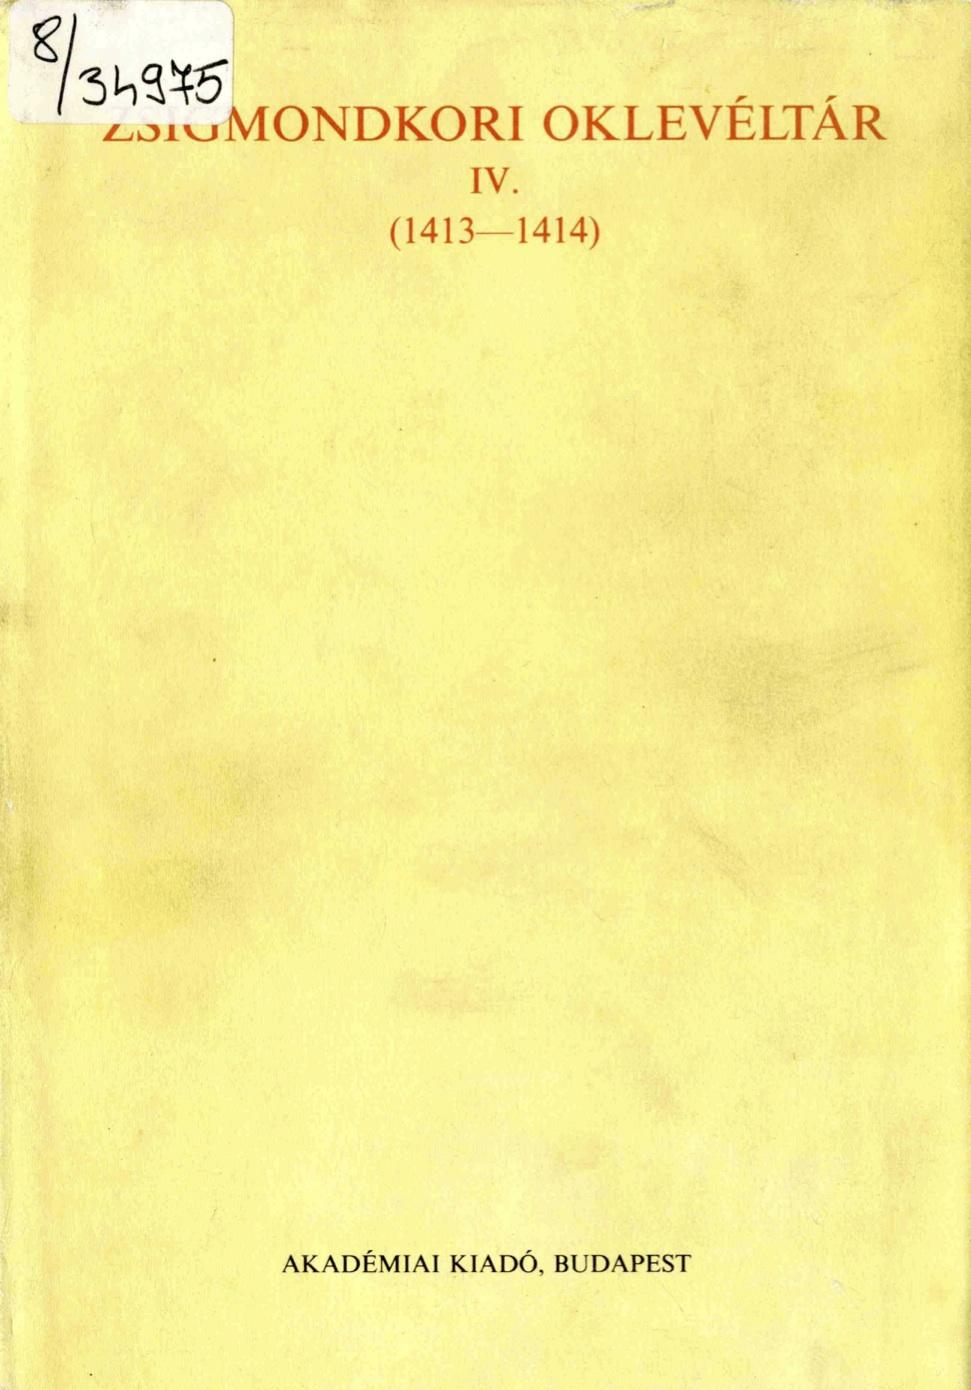 Zsigmondkori Oklevéltár IV.